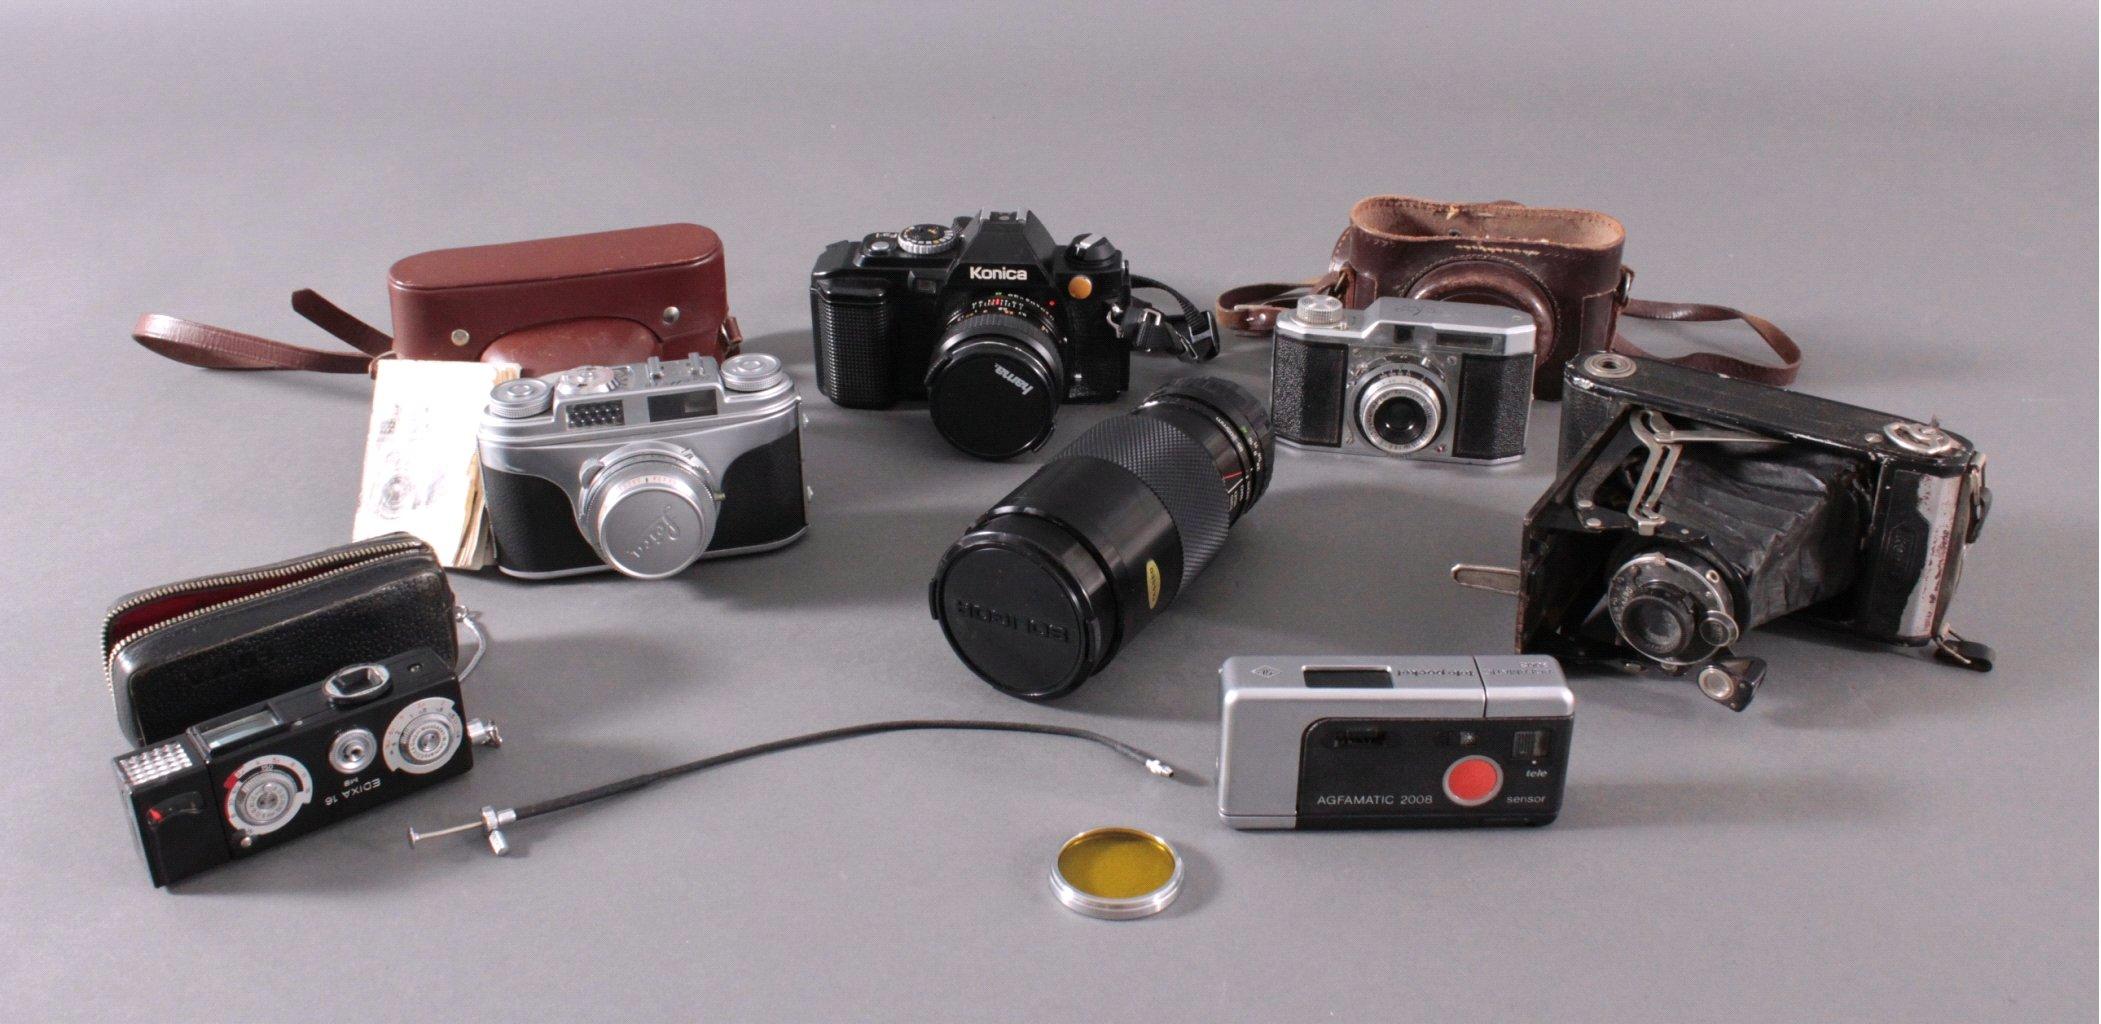 Sechs Kameras mit Zubehör